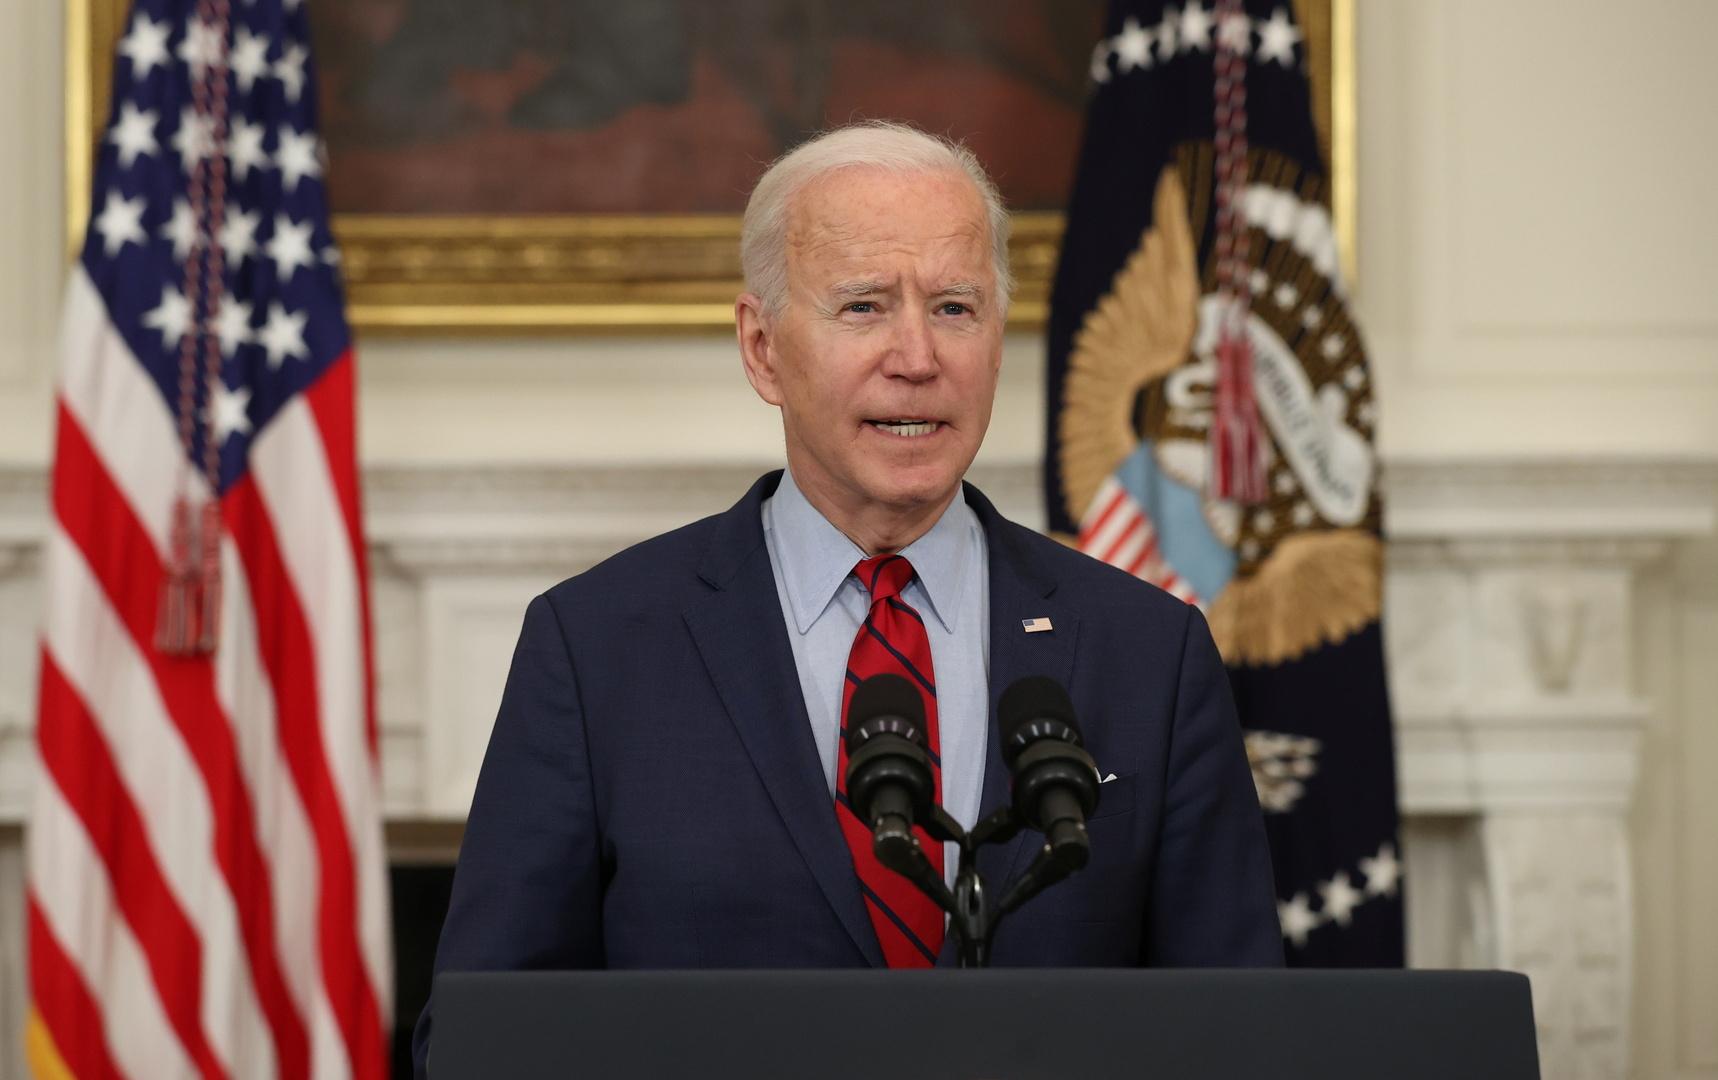 بايدن تحدث مع بوش وأوباما بخصوص سحب القوات الأمريكية من أفغانستان